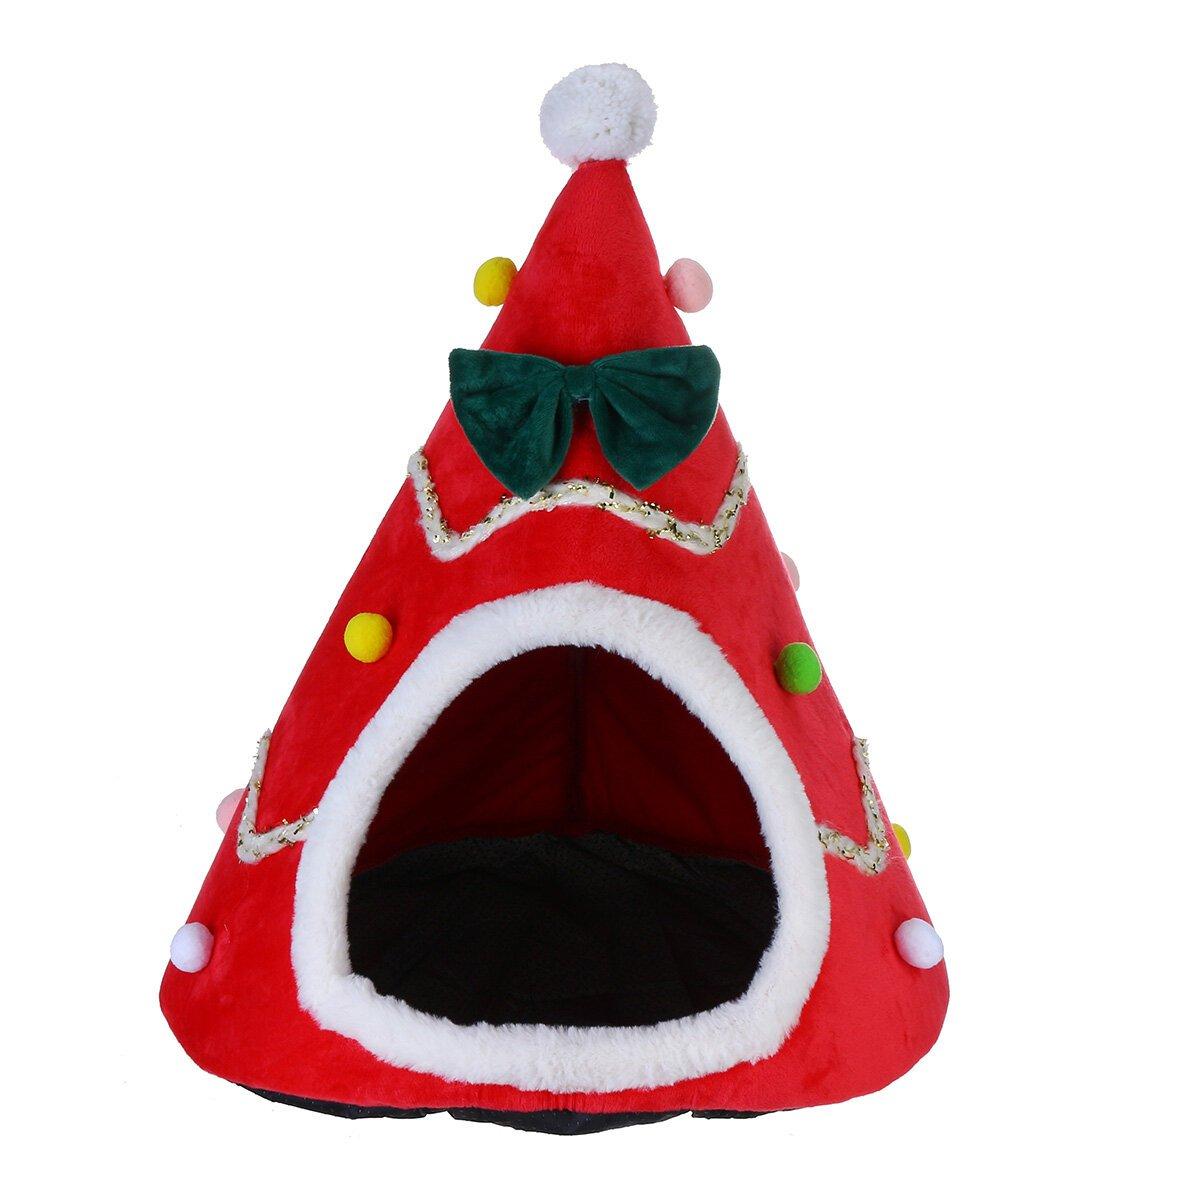 Kat Hond Kerstboom Vorm Fluweel Warm Huis Grot Bedden Indoor Katten Gezellige Wol Igloo Huisdier Huis